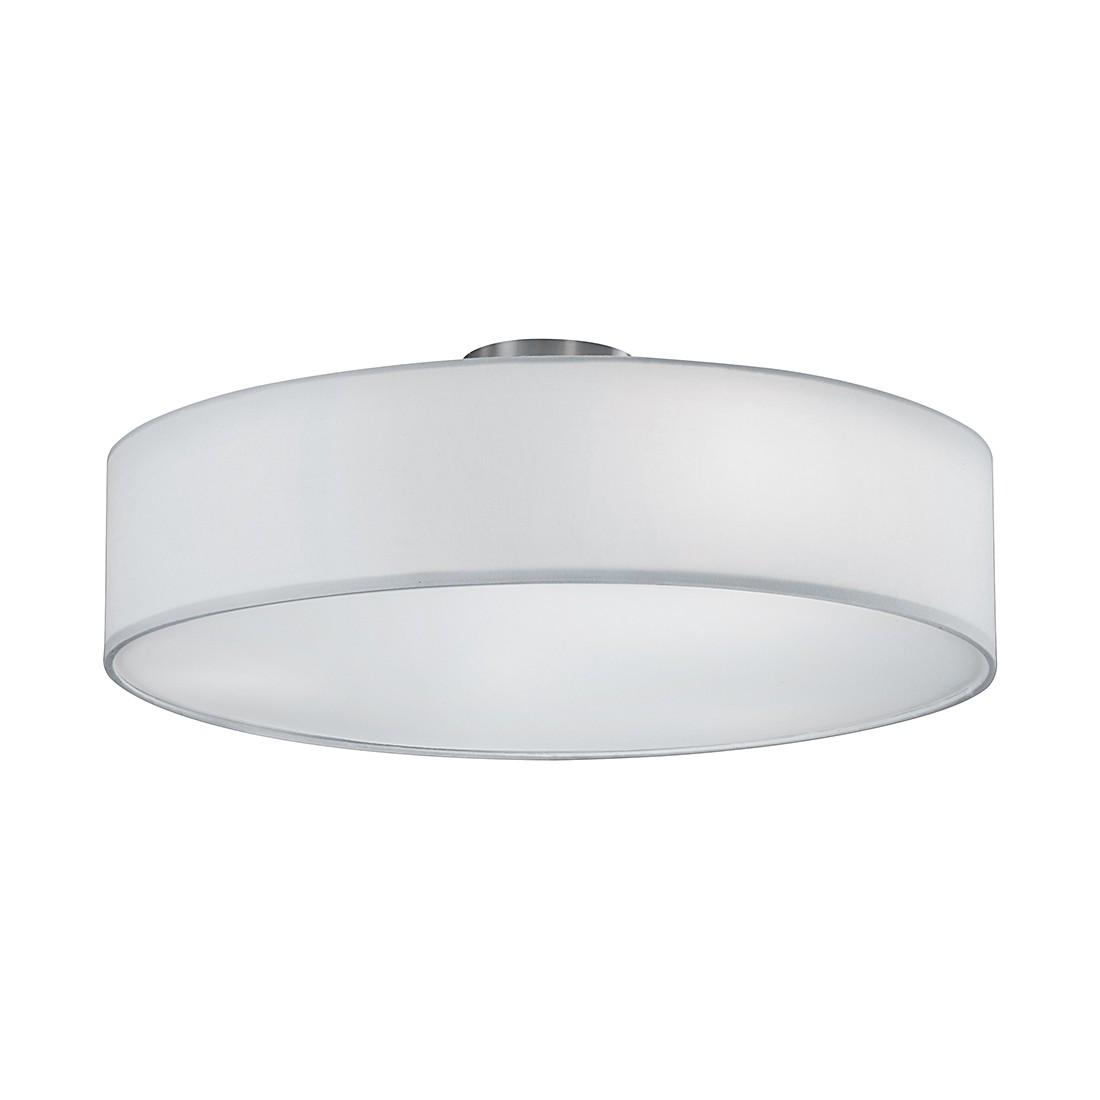 energie  A++, Plafondlamp - nikkelkleurig/wit 3 lichtbronnen, Trio